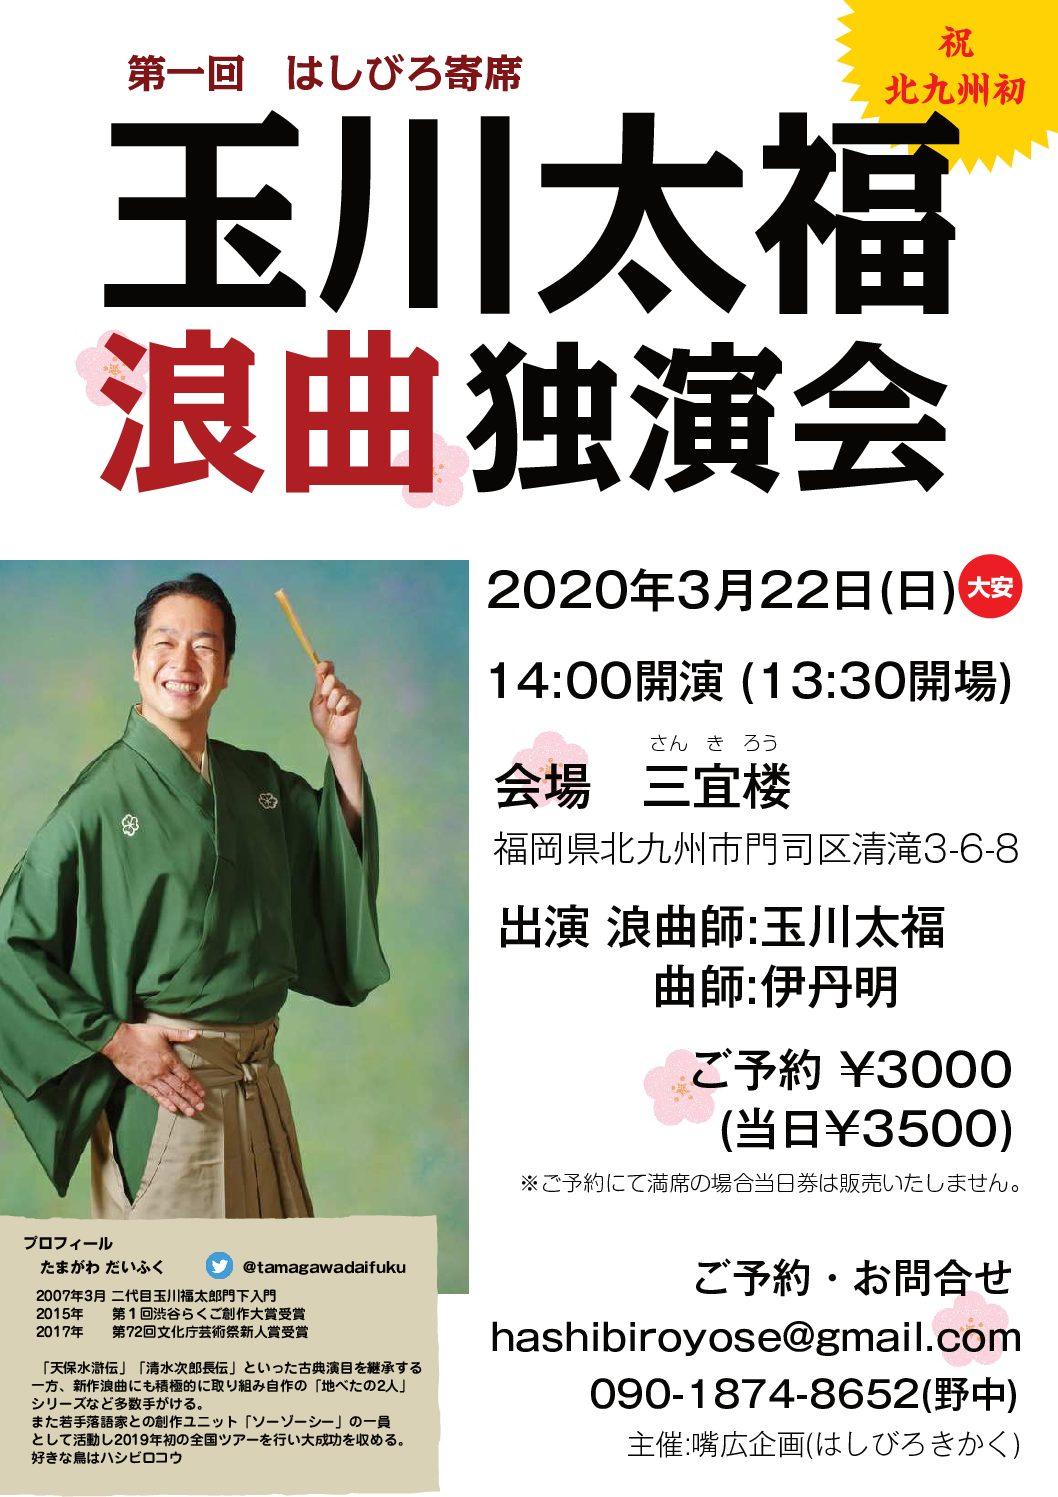 【2020年3月22日】九州初開催!玉川太福浪曲独演会